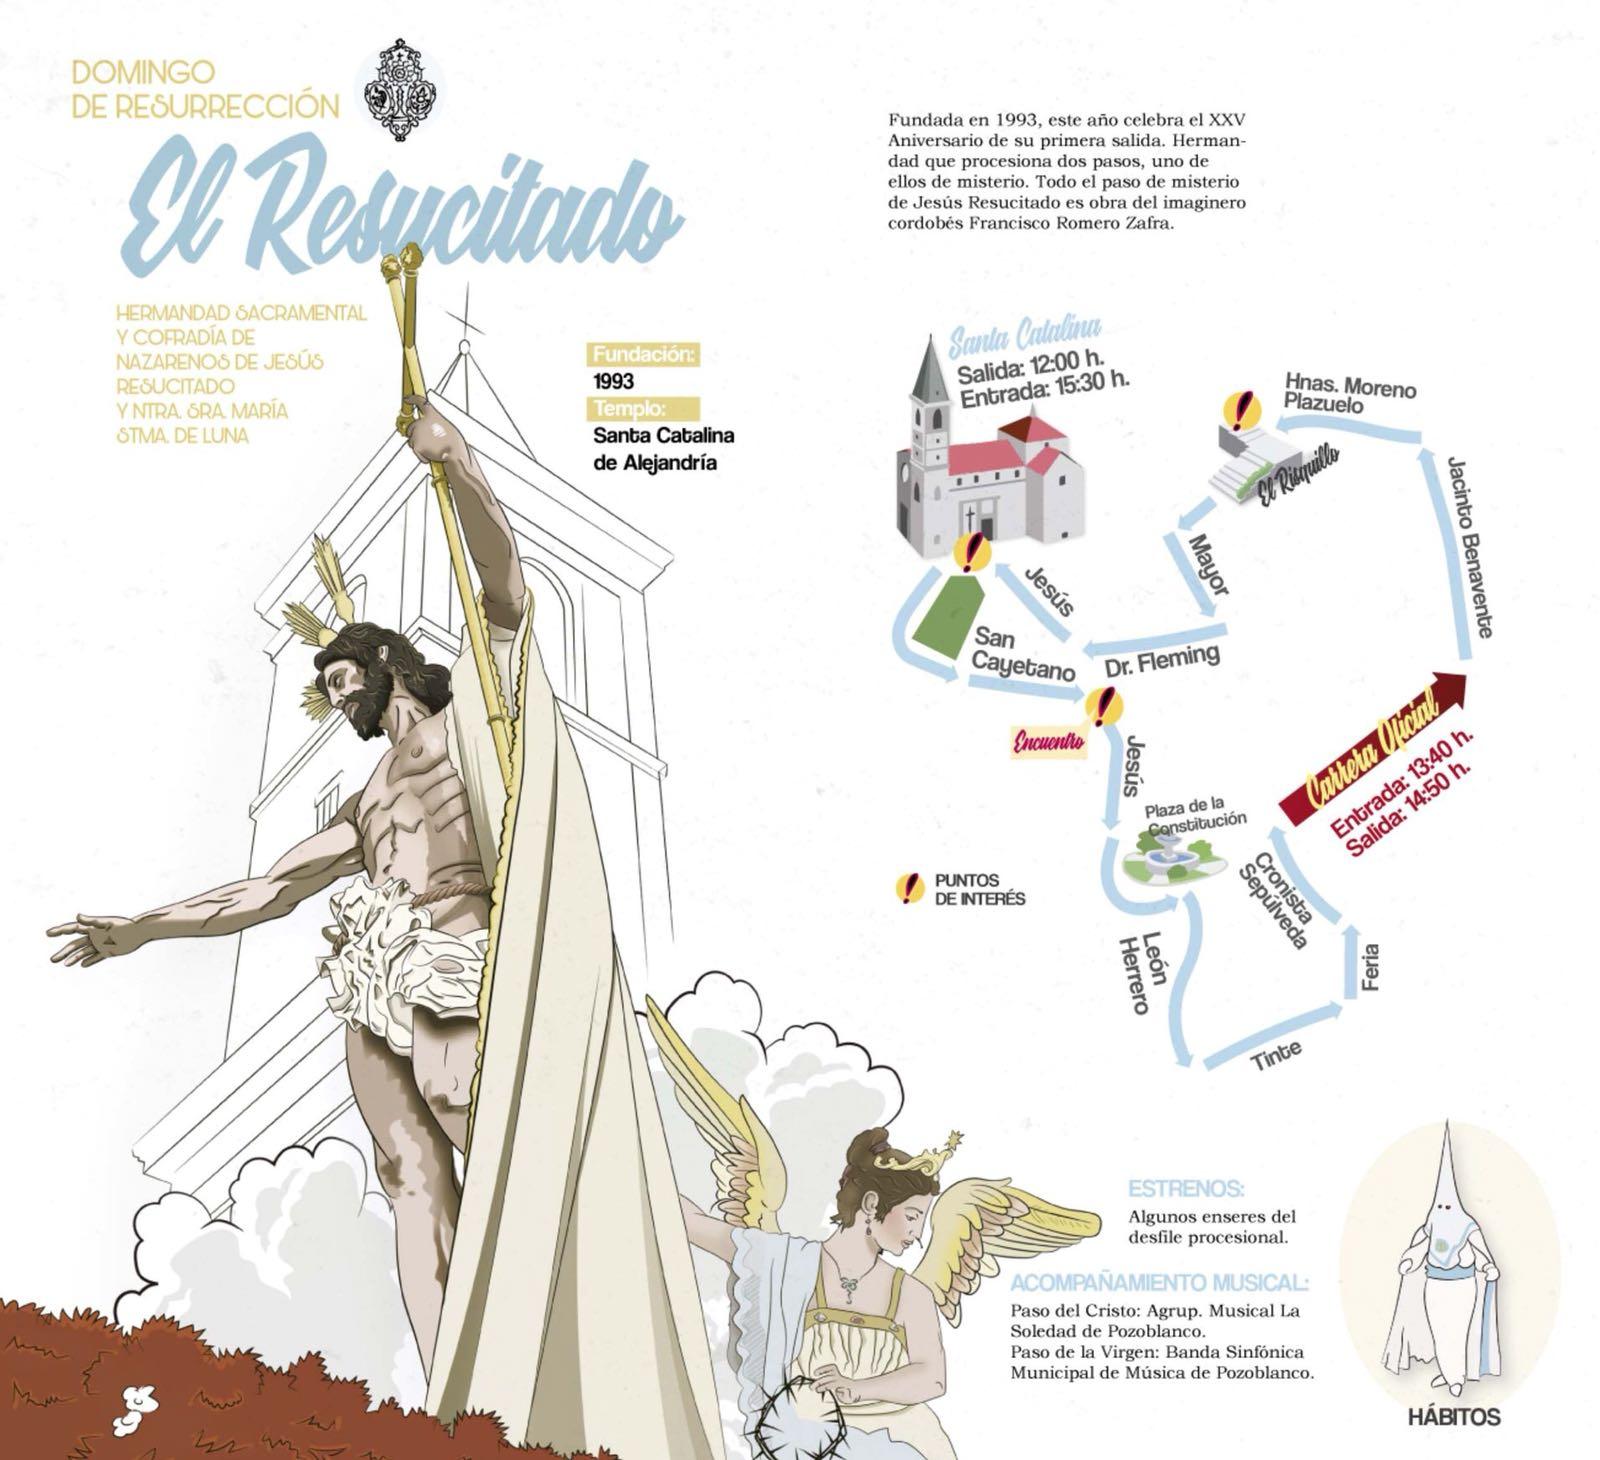 Domingo de Resurreccion - El Resucitado